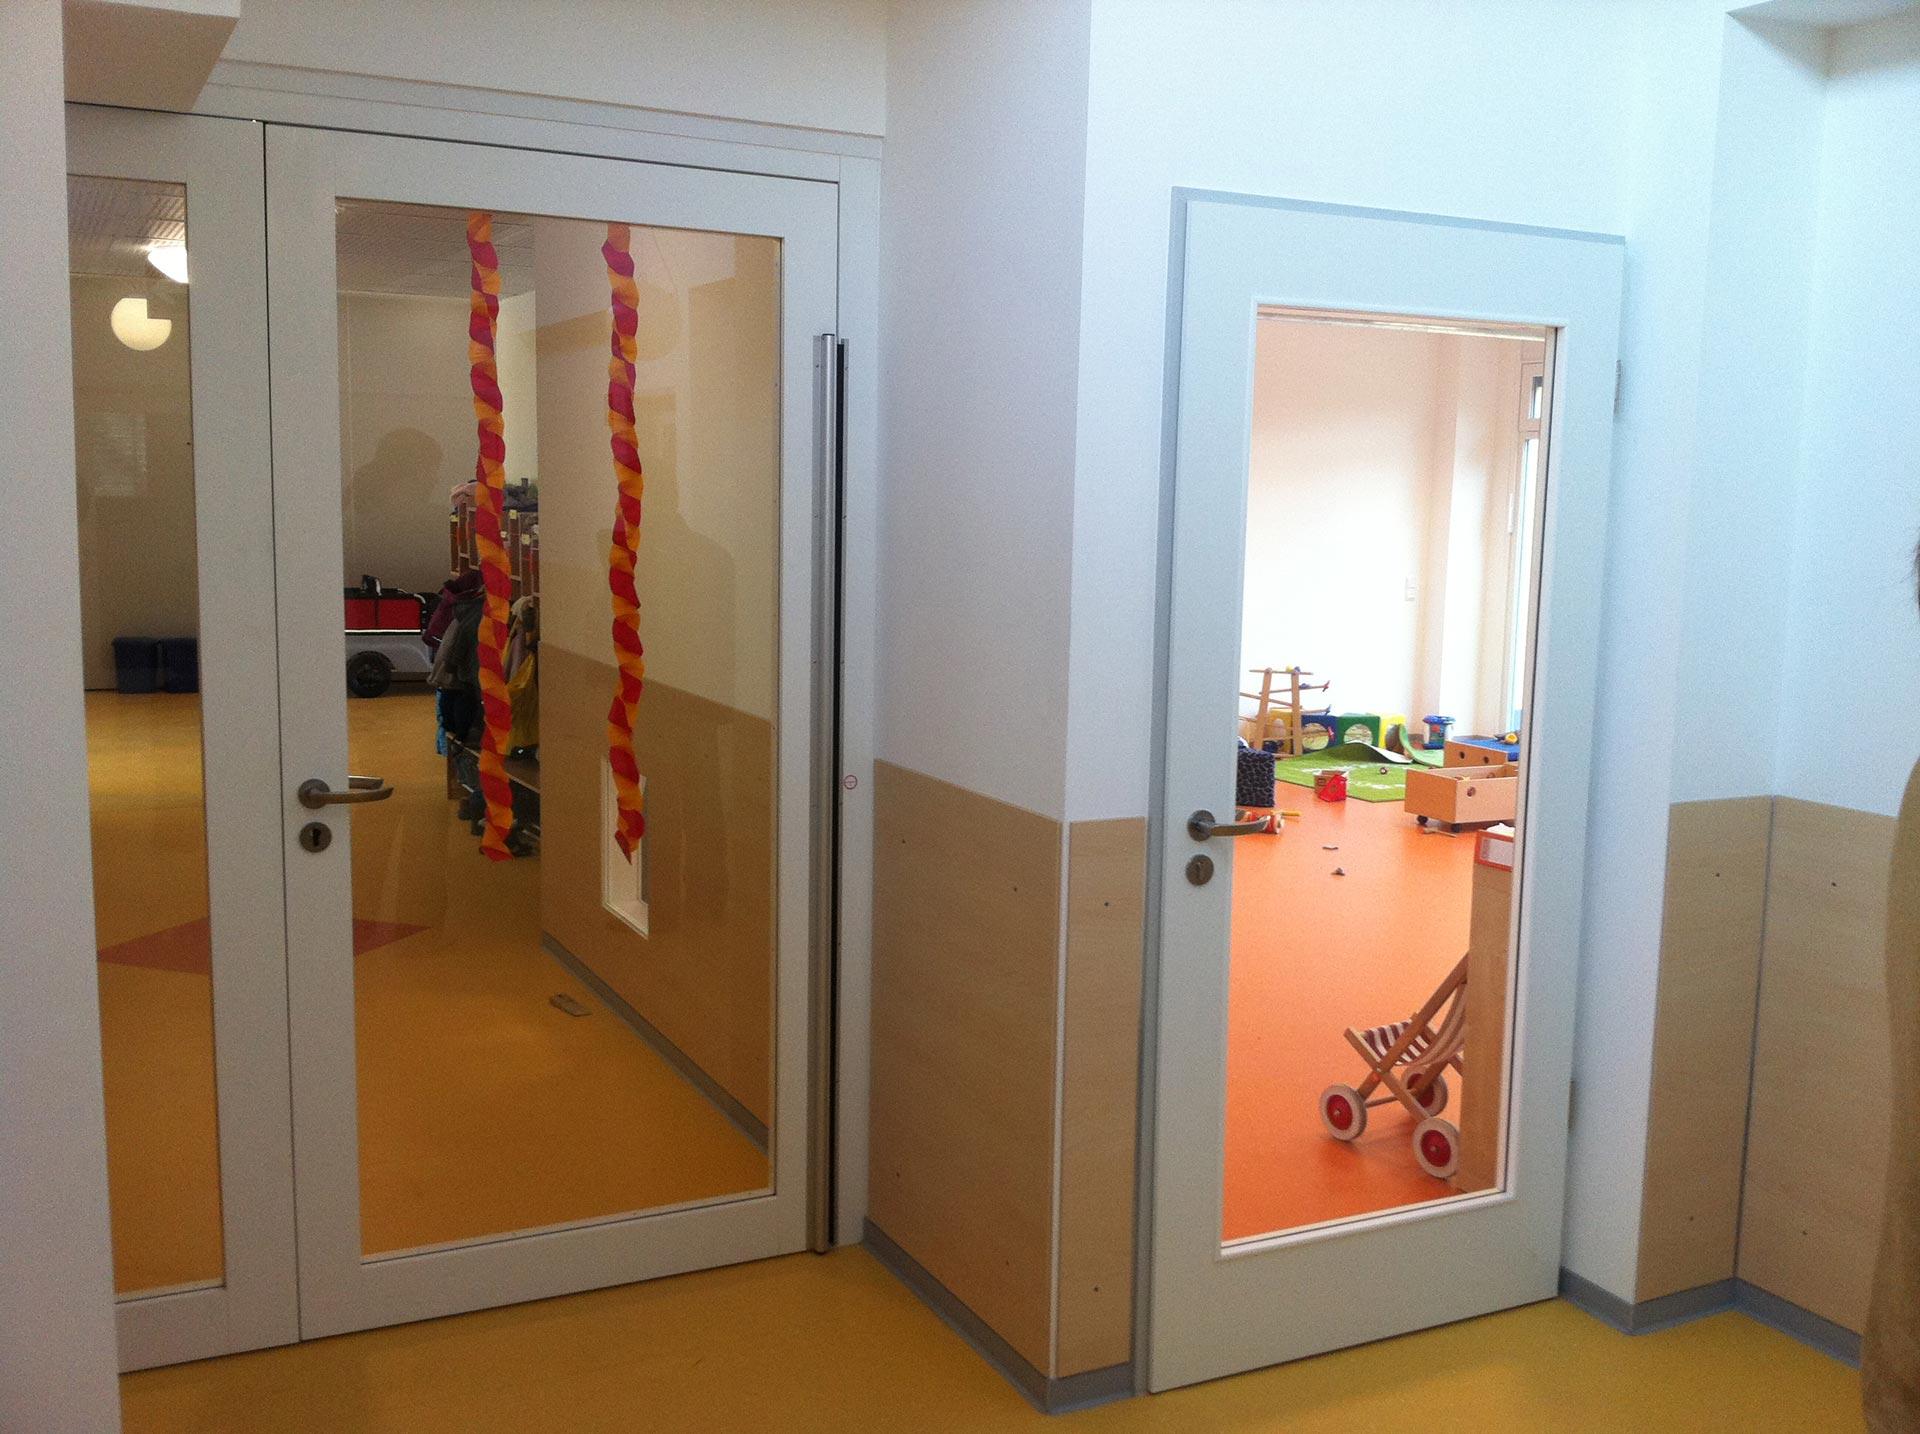 Tischlerei-Baeumer-Altenberge_Gold-Kraemer-Stiftung-Kindertagesstaette-Huerth_04